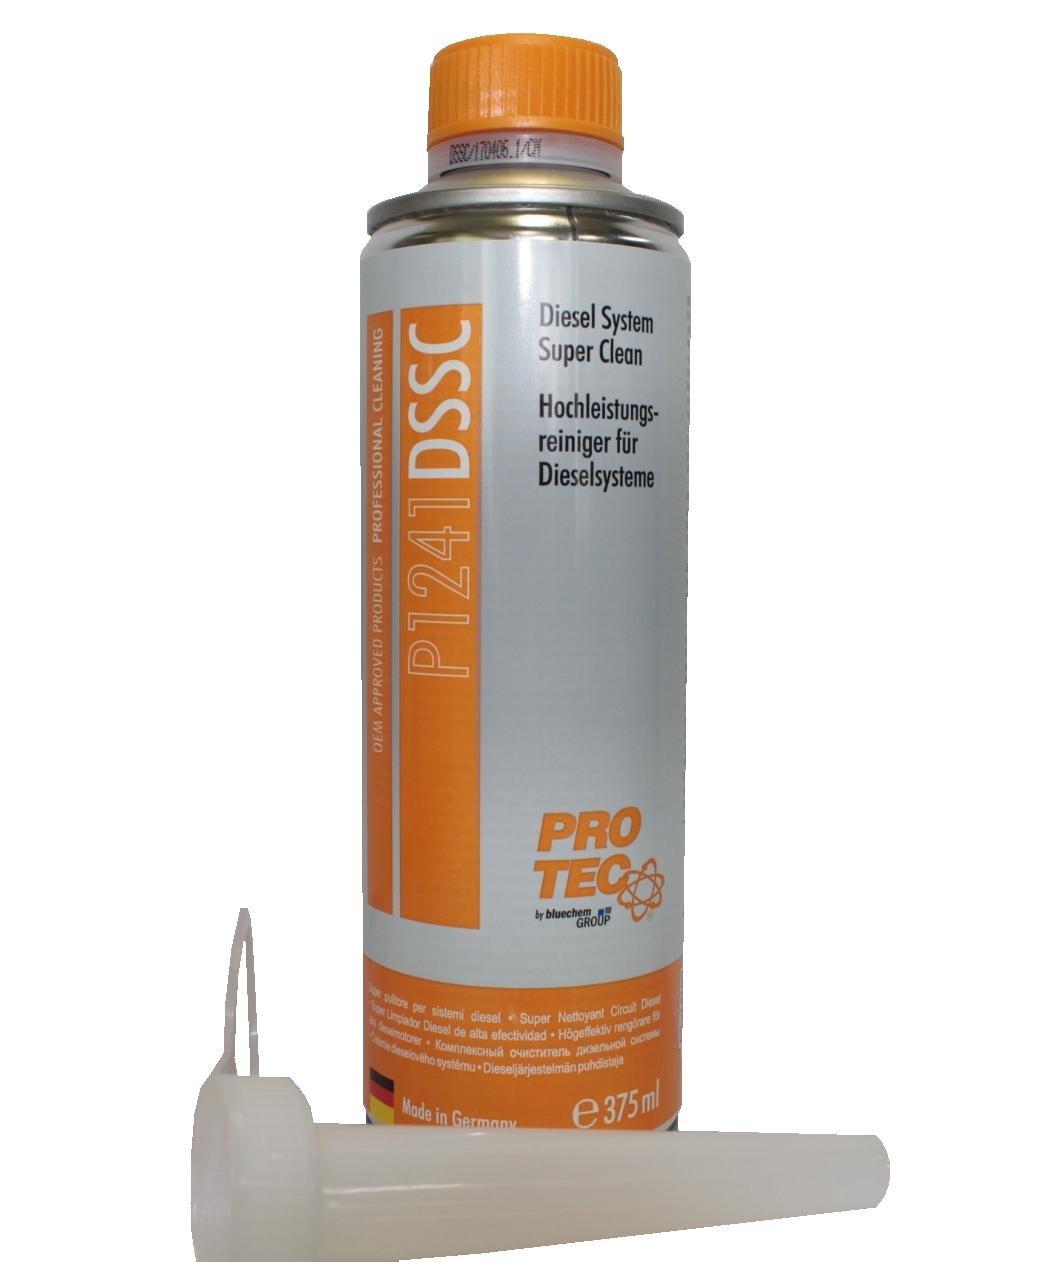 PRO TEC Diesel System Super Clean - Super pulitore per sistemi diesel 375 ml. PROTEC 1241 Limpieza Sistema Diesel